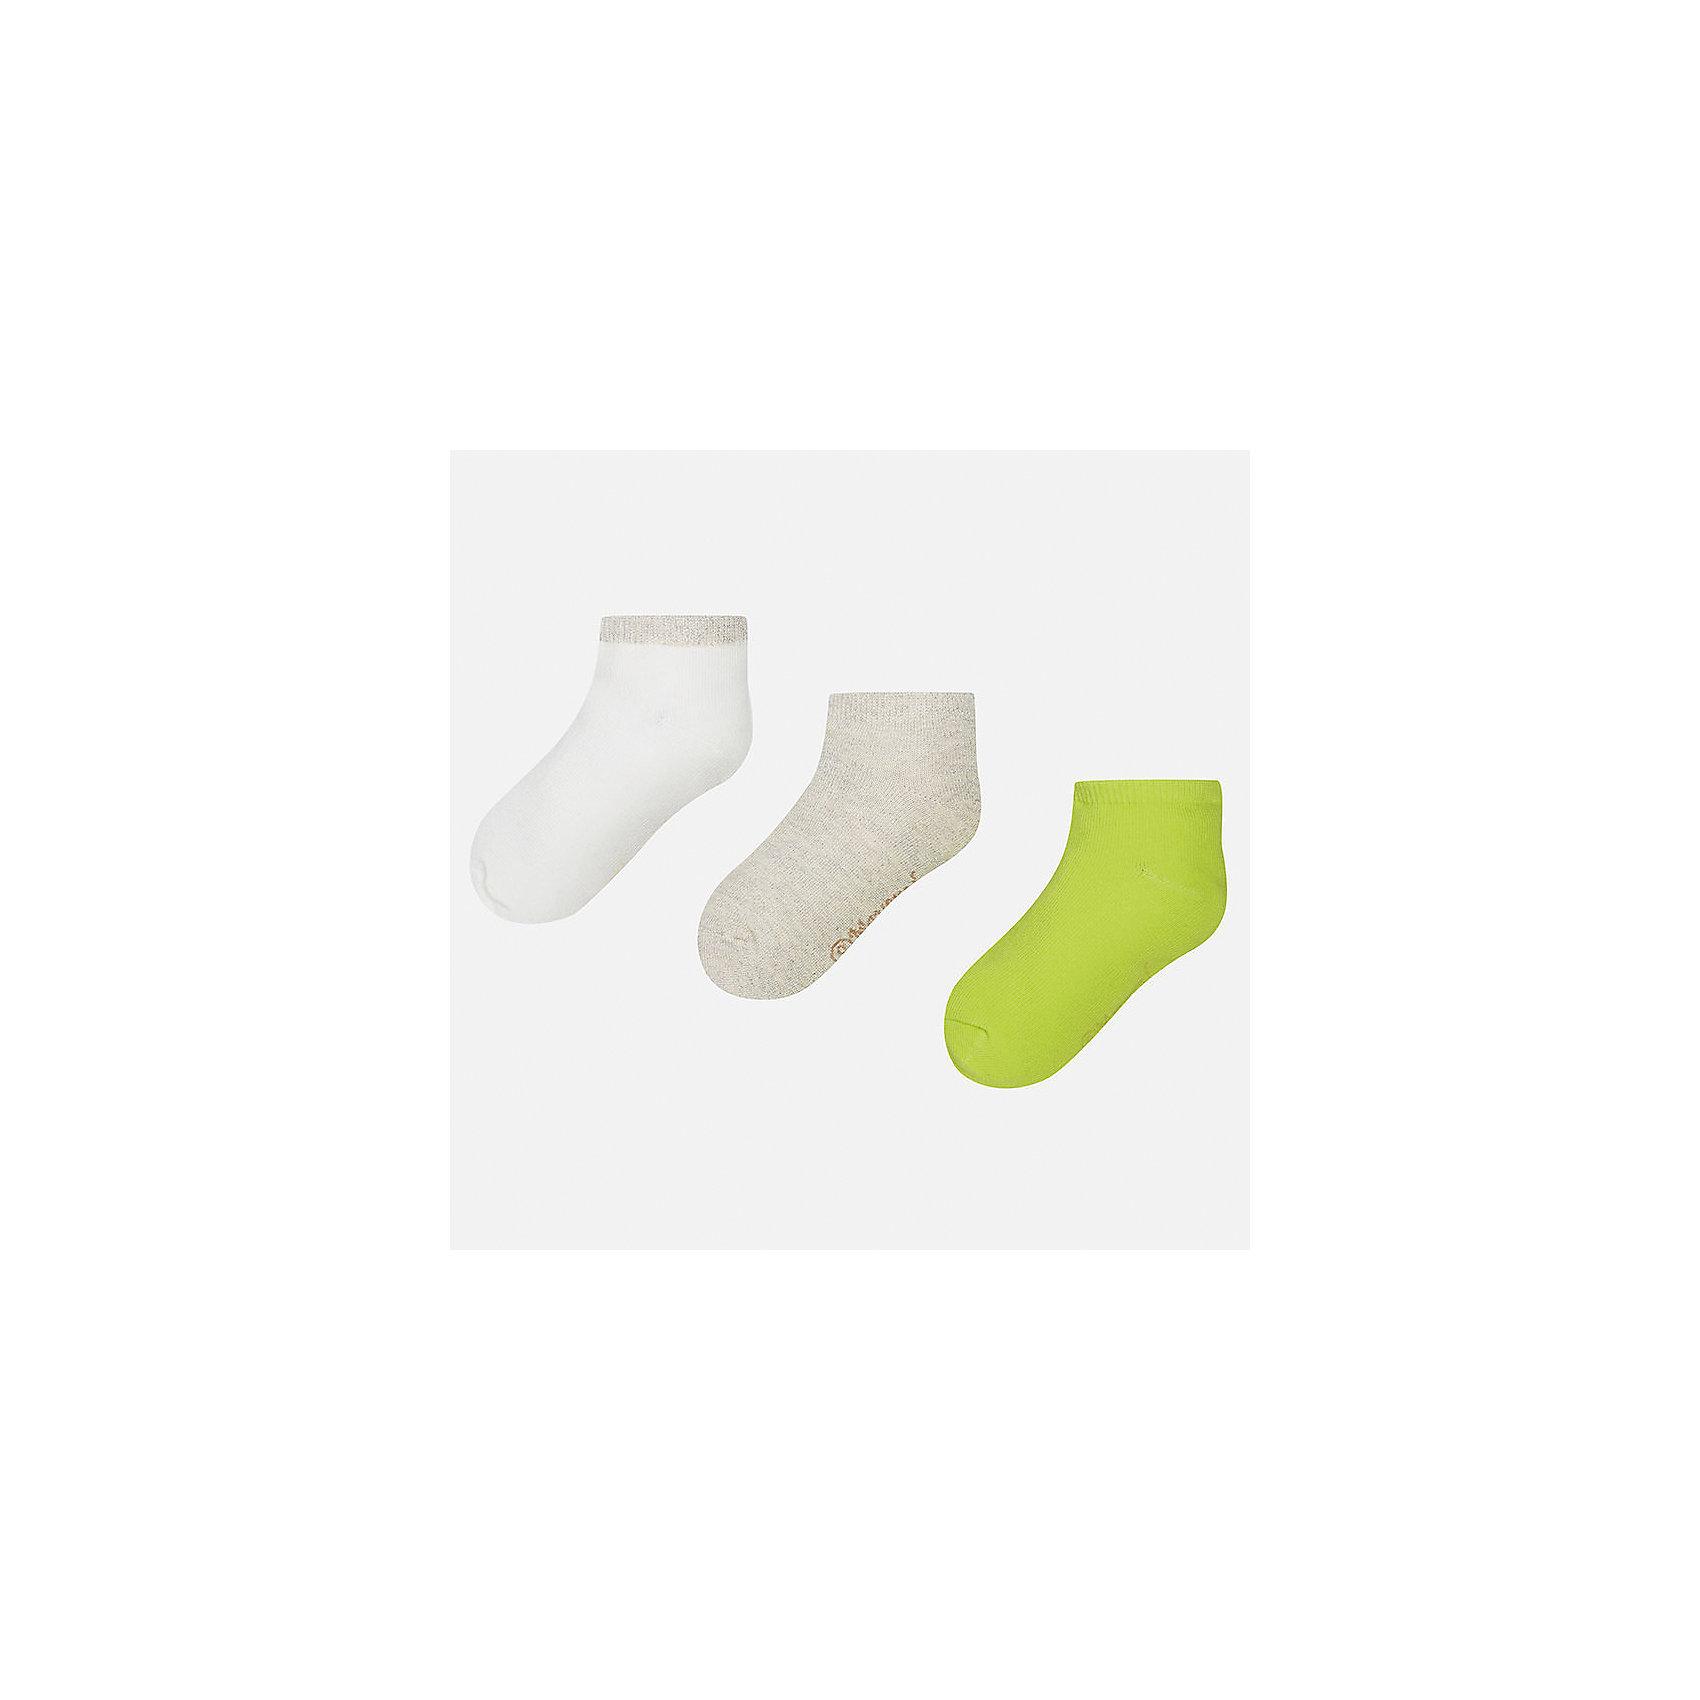 Носки (3 пары) для девочки MayoralНоски<br>Характеристики товара:<br><br>• цвет: белый/серый/зеленый<br>• состав: 74% хлопок, 20% полиэстер, 3% полиамид, 3% эластан<br>• комплектация: три пары<br>• мягкая резинка<br>• эластичный материал<br>• однотонные<br>• страна бренда: Испания<br><br>Удобные симпатичные носки для девочки помогут обеспечить ребенку комфорт и дополнить наряд. Универсальный цвет позволяет надевать их под обувь разных расцветок. Носки удобно сидят на ноге и красиво смотрятся. В составе материала - натуральный хлопок, гипоаллергенный, приятный на ощупь, дышащий. <br><br>Одежда, обувь и аксессуары от испанского бренда Mayoral полюбились детям и взрослым по всему миру. Модели этой марки - стильные и удобные. Для их производства используются только безопасные, качественные материалы и фурнитура. Порадуйте ребенка модными и красивыми вещами от Mayoral! <br><br>Носки (3 пары) для девочки от испанского бренда Mayoral (Майорал) можно купить в нашем интернет-магазине.<br><br>Ширина мм: 87<br>Глубина мм: 10<br>Высота мм: 105<br>Вес г: 115<br>Цвет: зеленый<br>Возраст от месяцев: 0<br>Возраст до месяцев: 3<br>Пол: Женский<br>Возраст: Детский<br>Размер: 16,8,10,12,14<br>SKU: 5293539